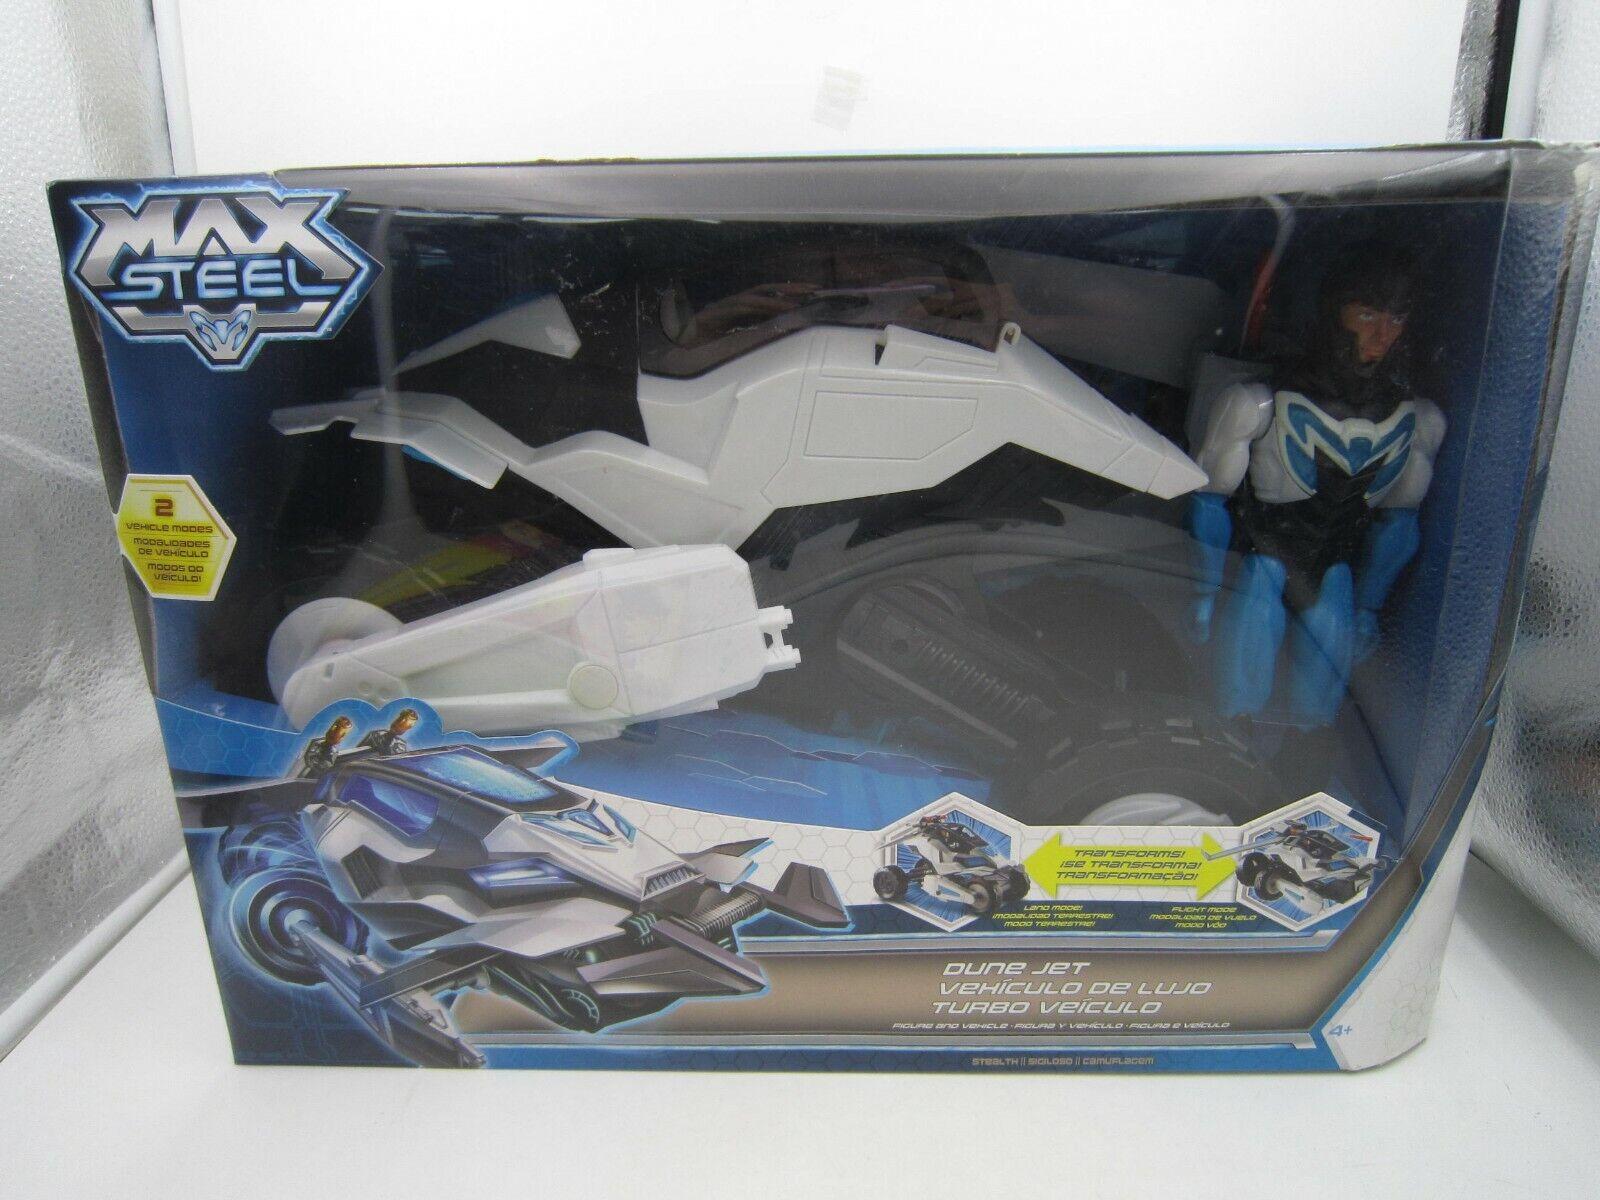 Max Steel Figura de Acción 2013 transformar Duna Jet & Vehículo Set Mattel